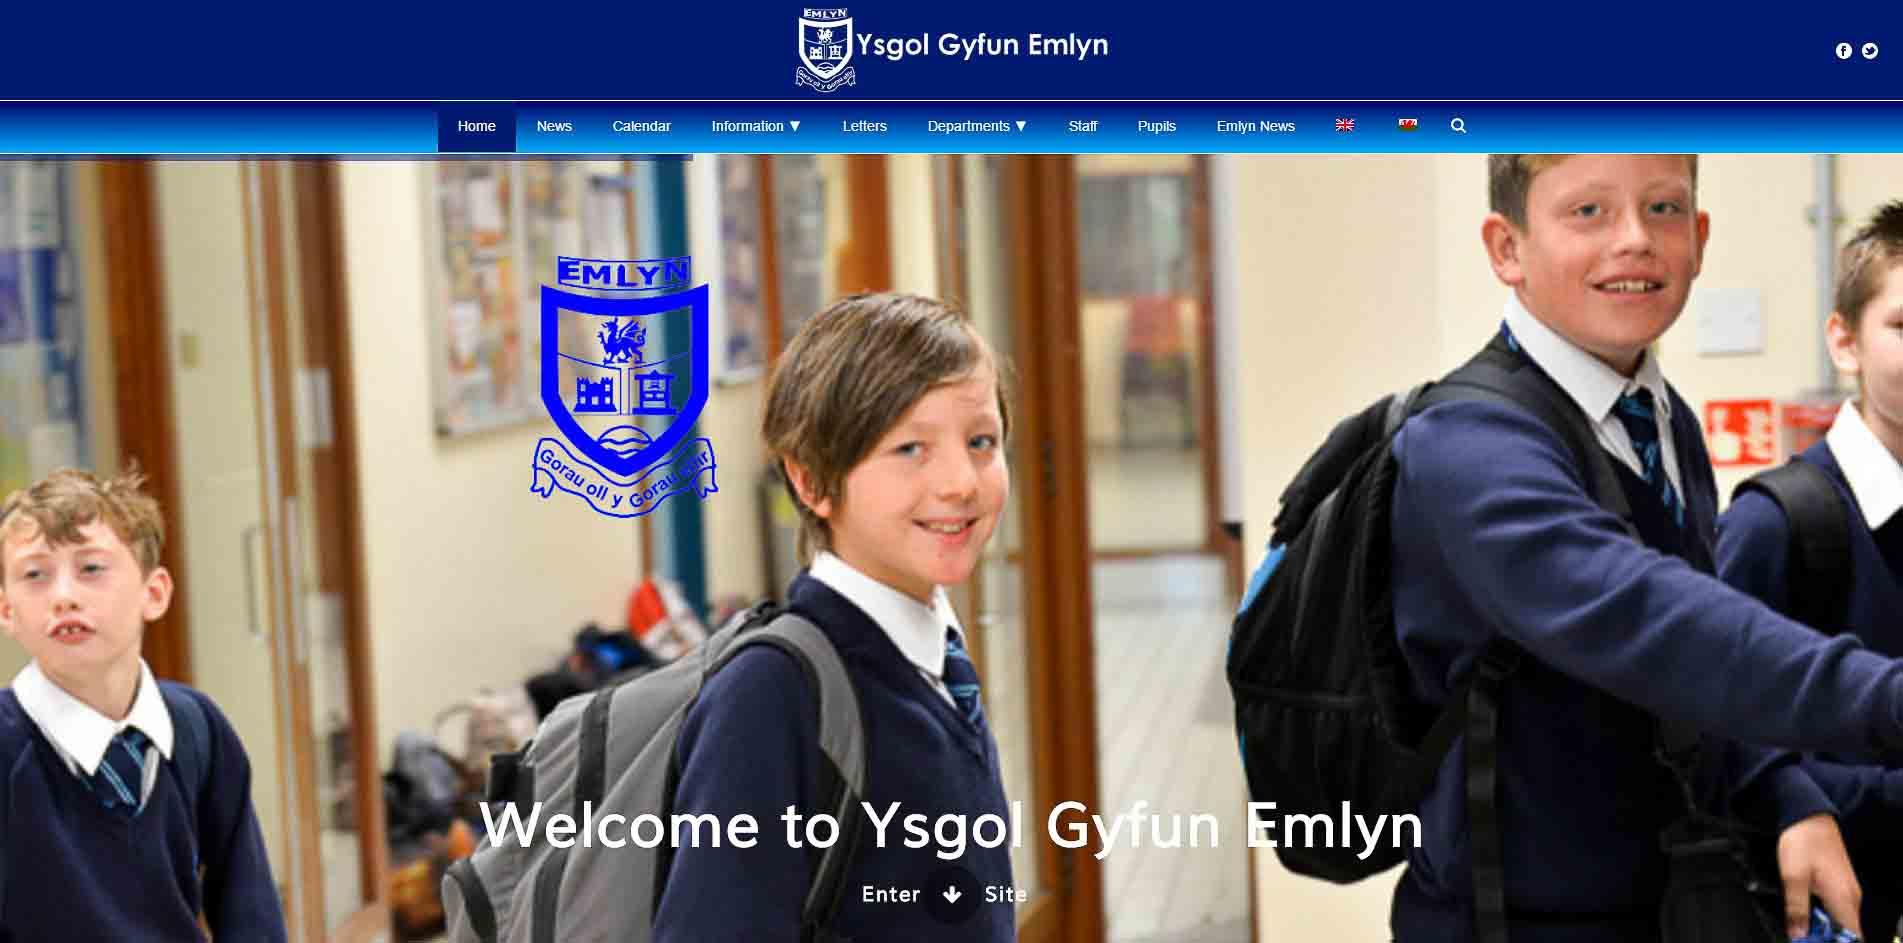 Ysgol Gyfun Emlyn